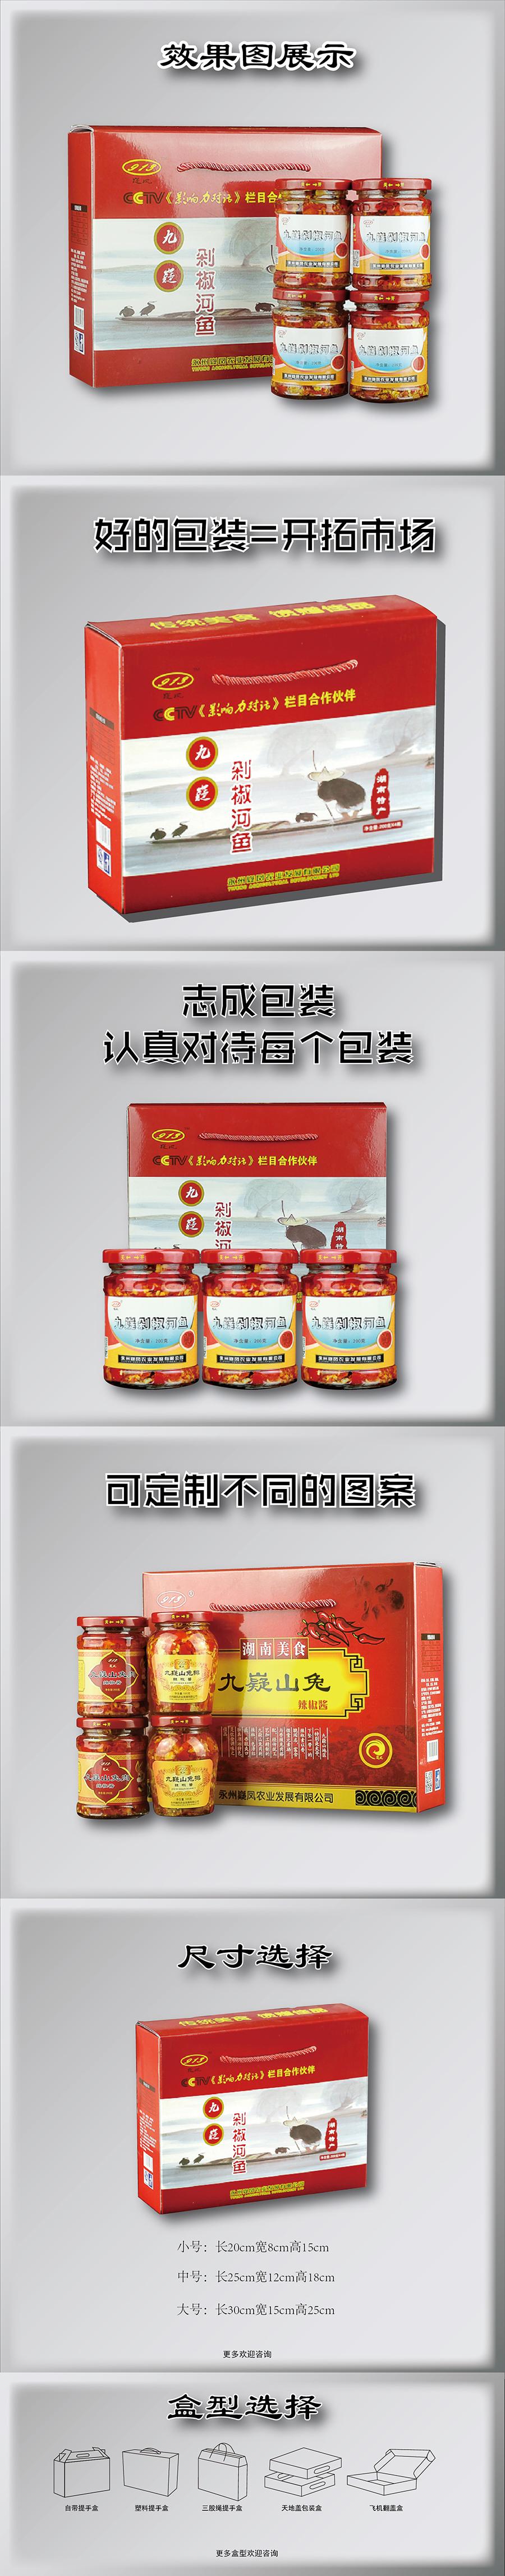 特产河鱼raybet雷竞技客户端-01.jpg